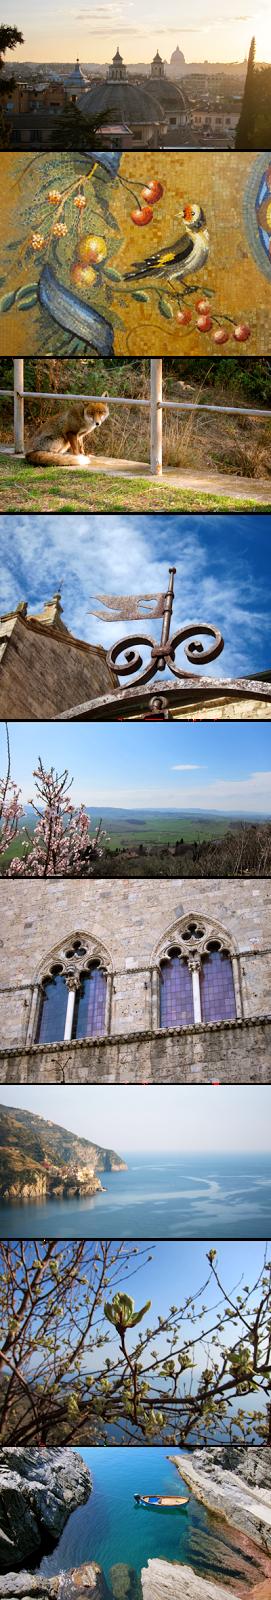 mosaico_italia2.png